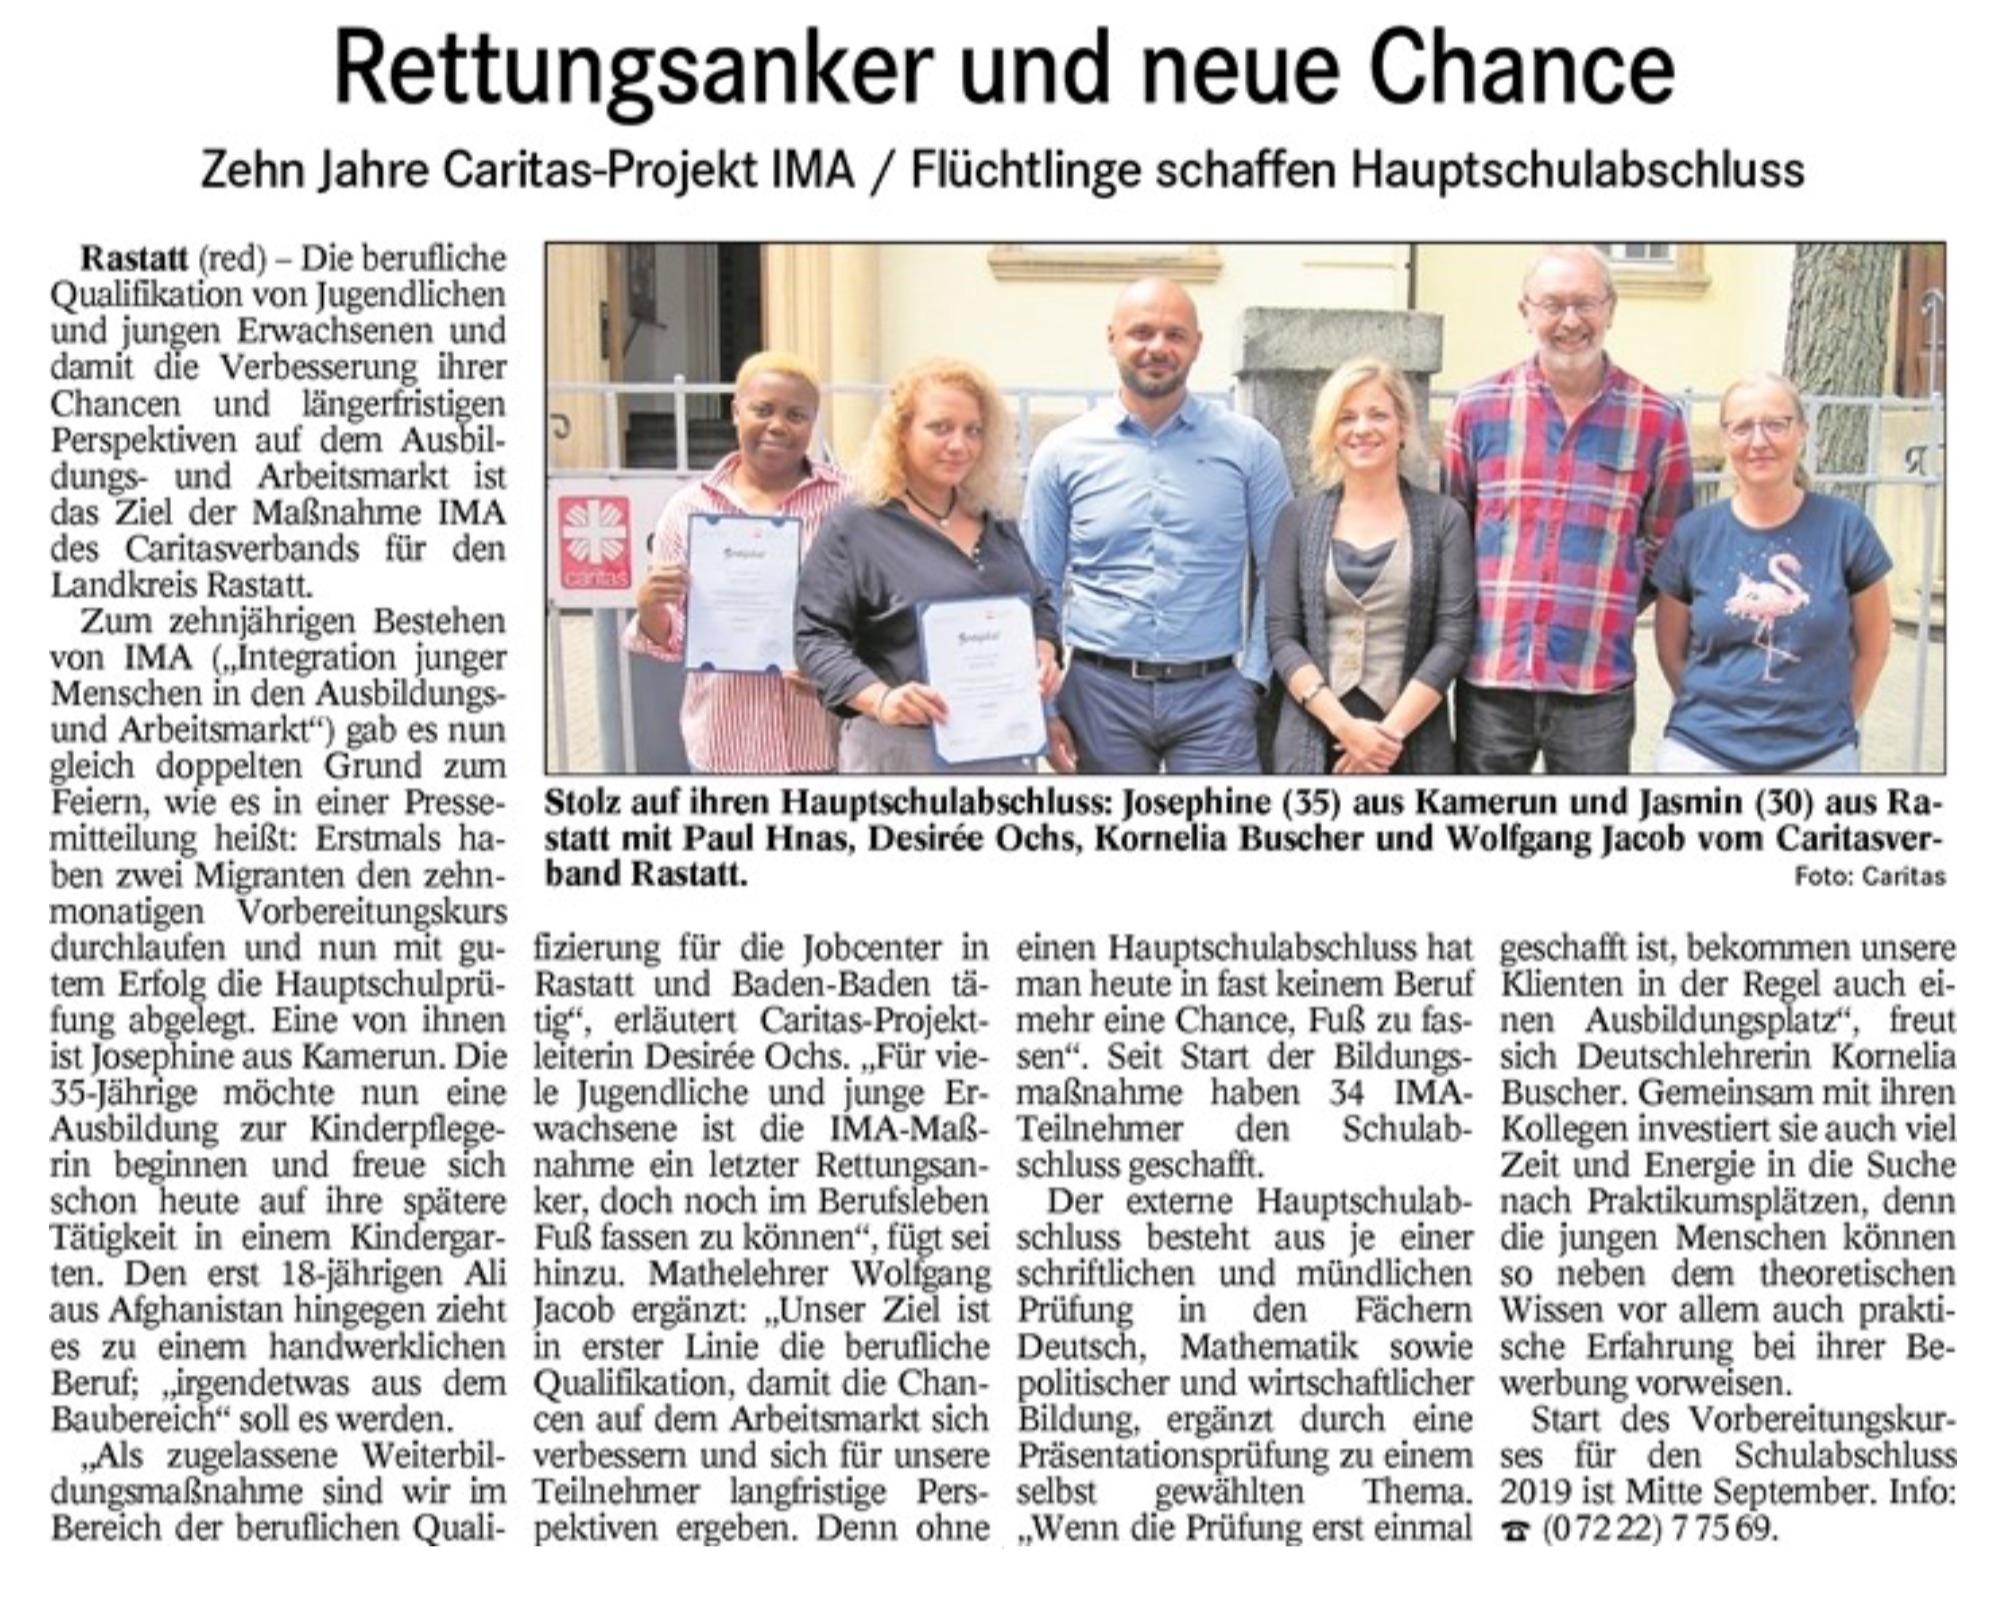 Rettungsanker und neue Chance - Badisches Tagblatt